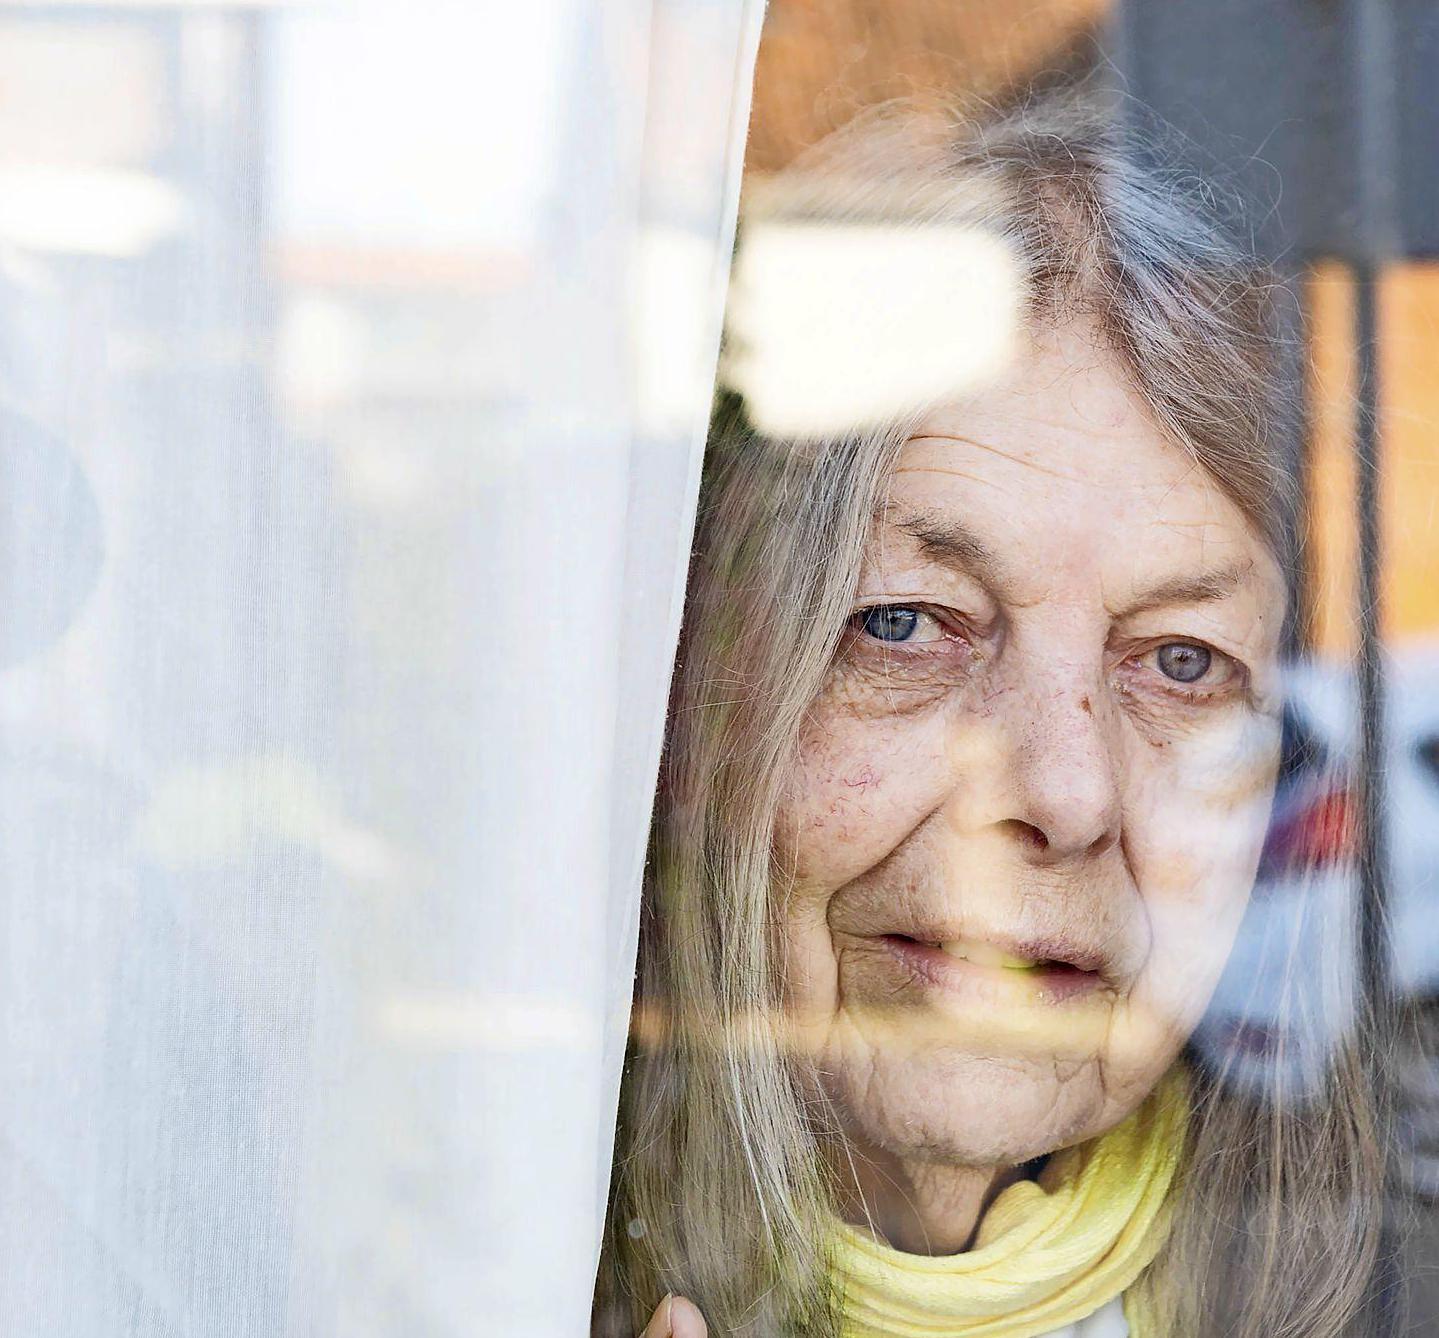 Uit huis gezette Loes Alkemade (76) uit Noordwijk krijgt sociale huurwoning in zorgcomplex. 'Ik ben hier heel erg blij mee'